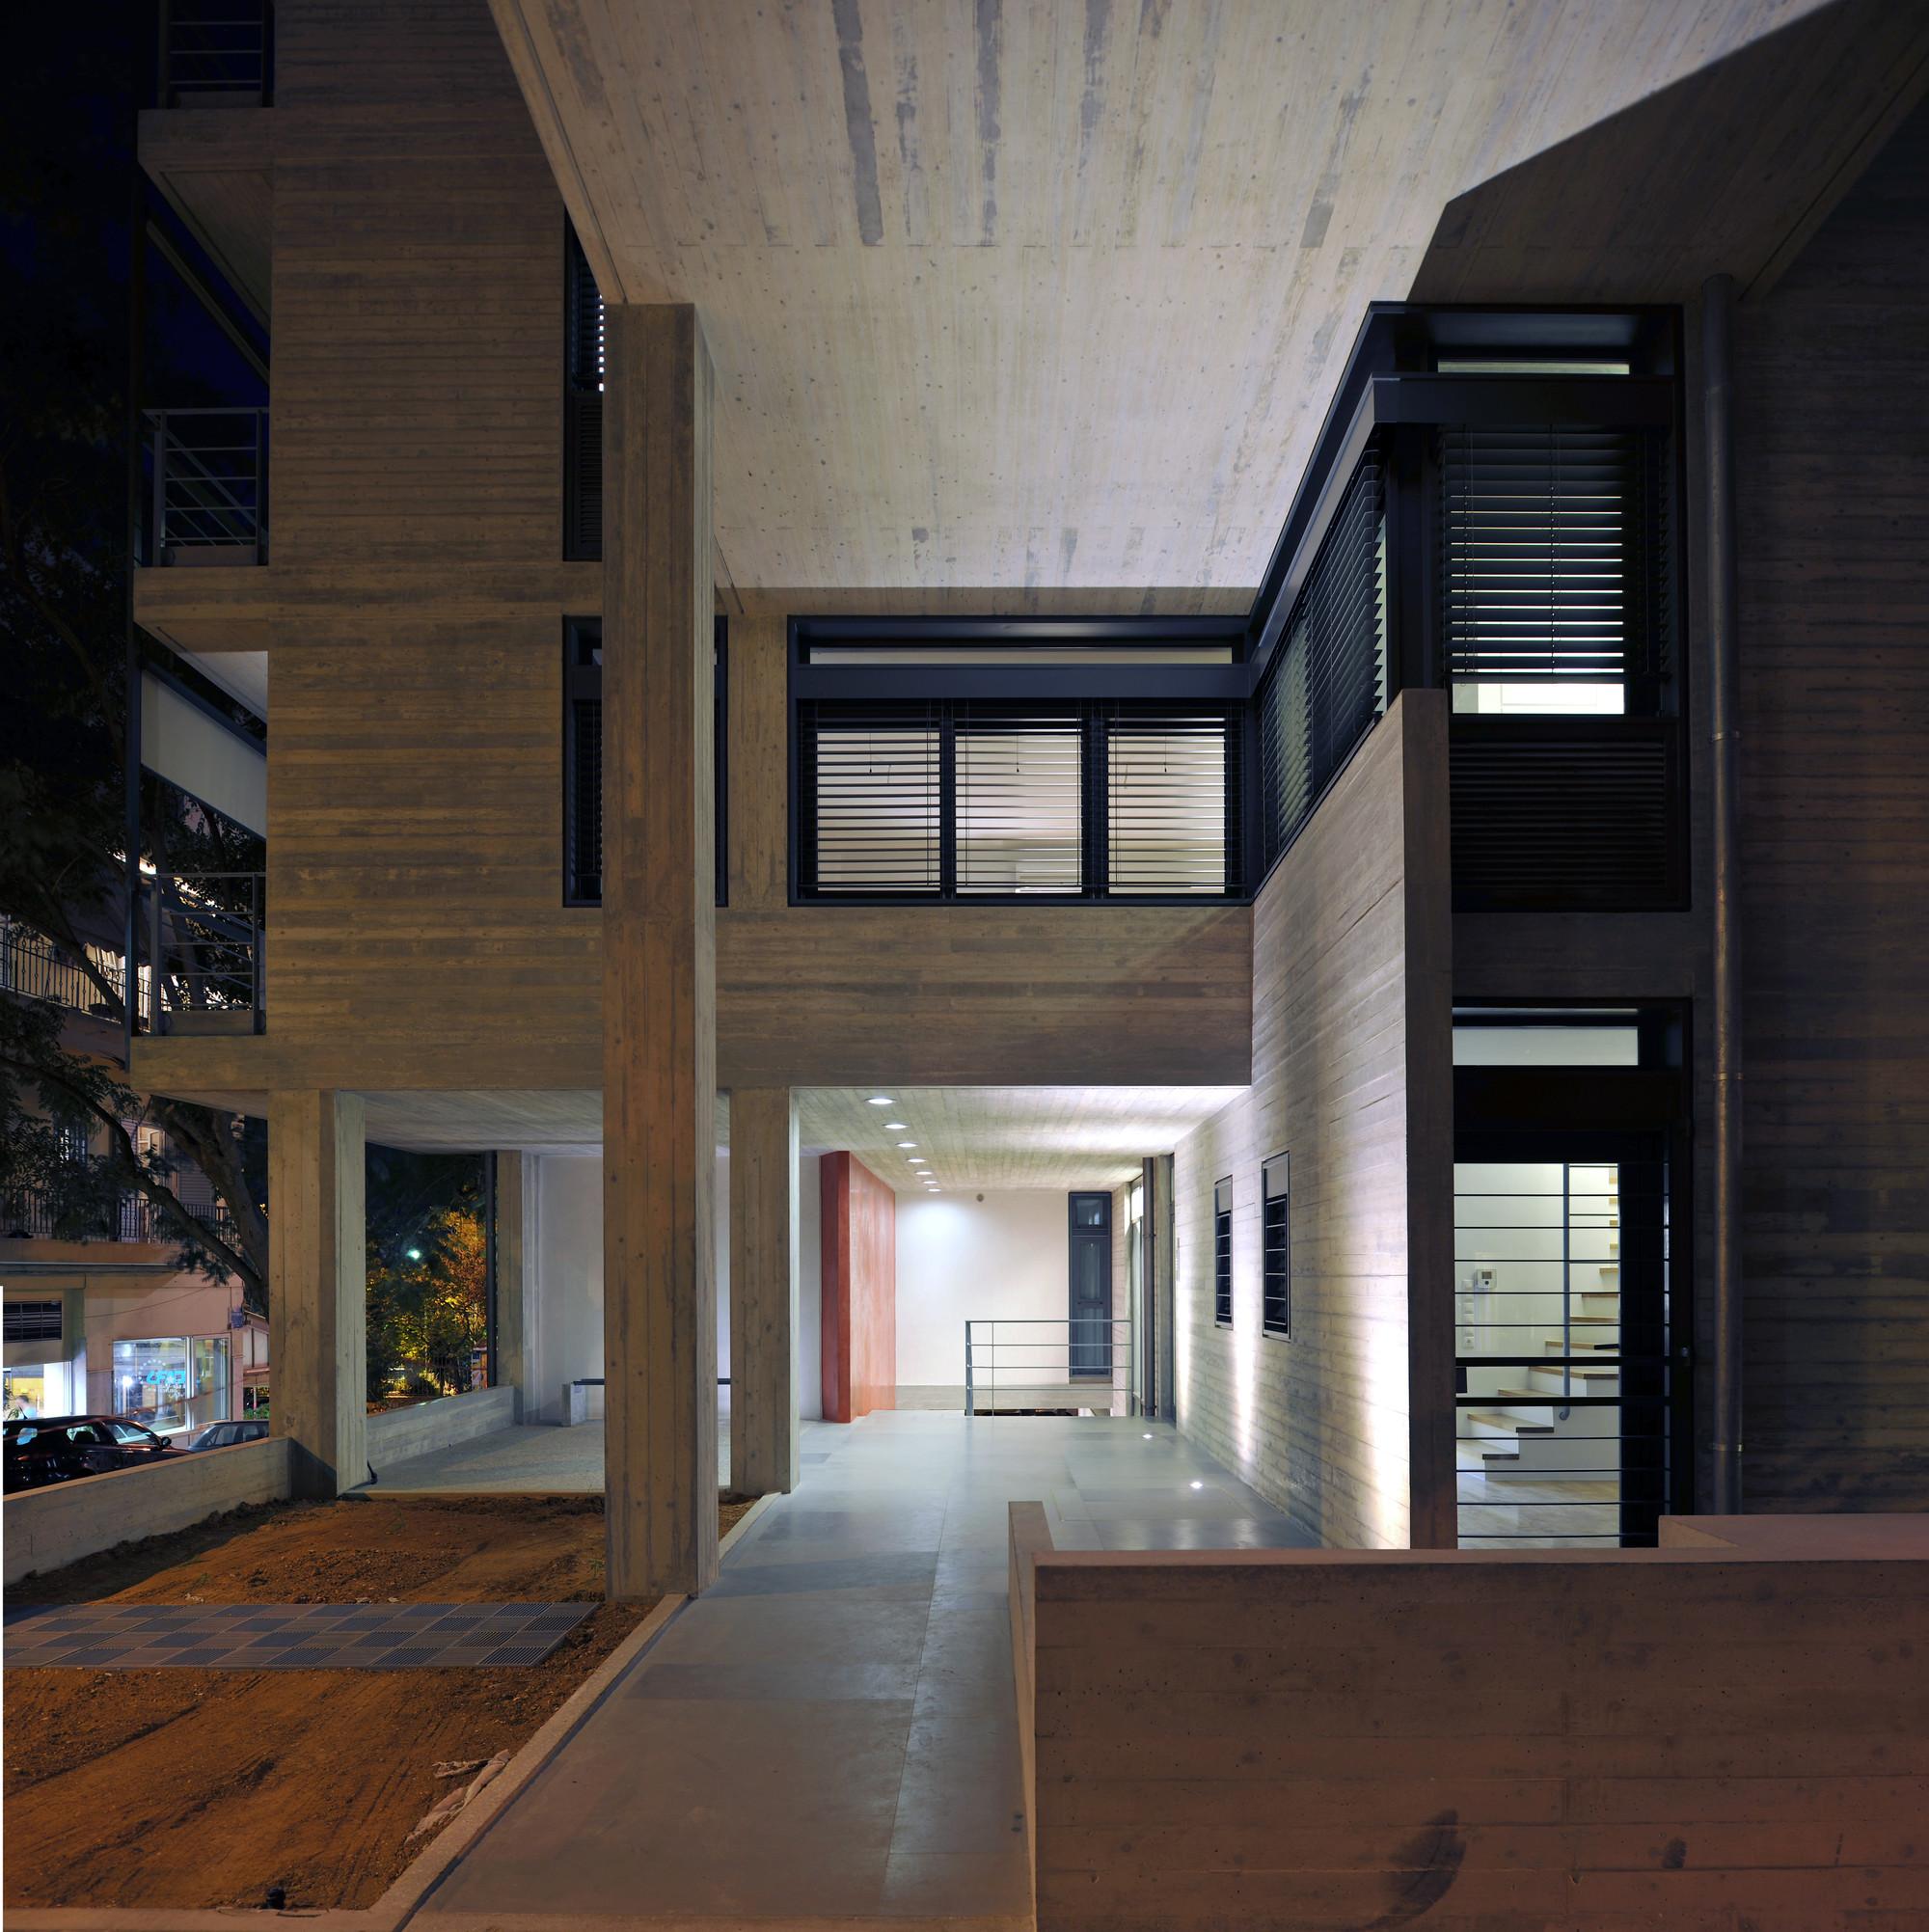 Edifício de Apartamentos na rua Deinokratous, Atenas / Giorgos Aggelis, © H. Louizidis